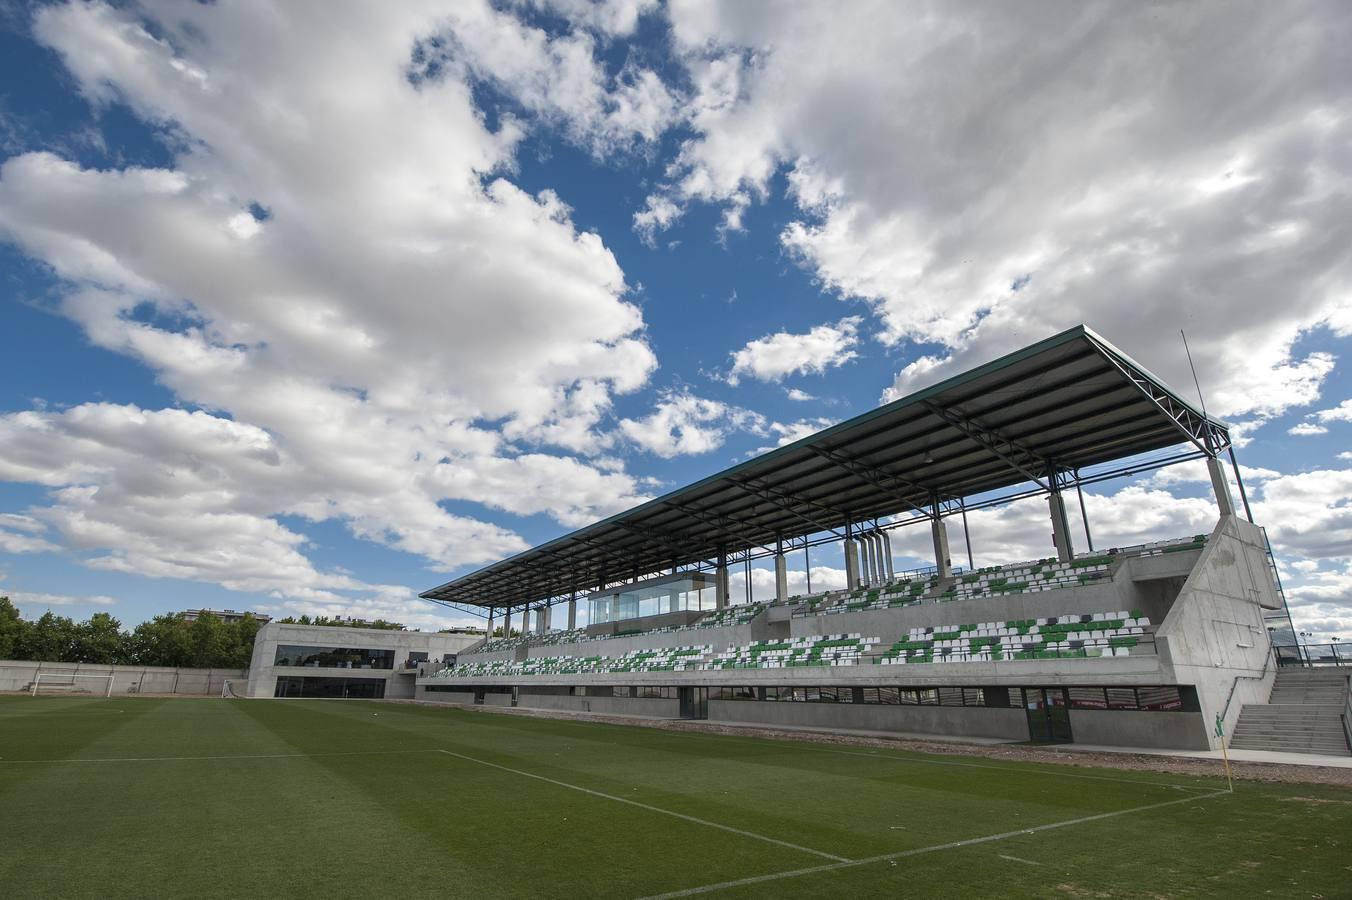 La ciudad deportiva Luis del Sol, cuna de futuras las estrellas verdiblancas